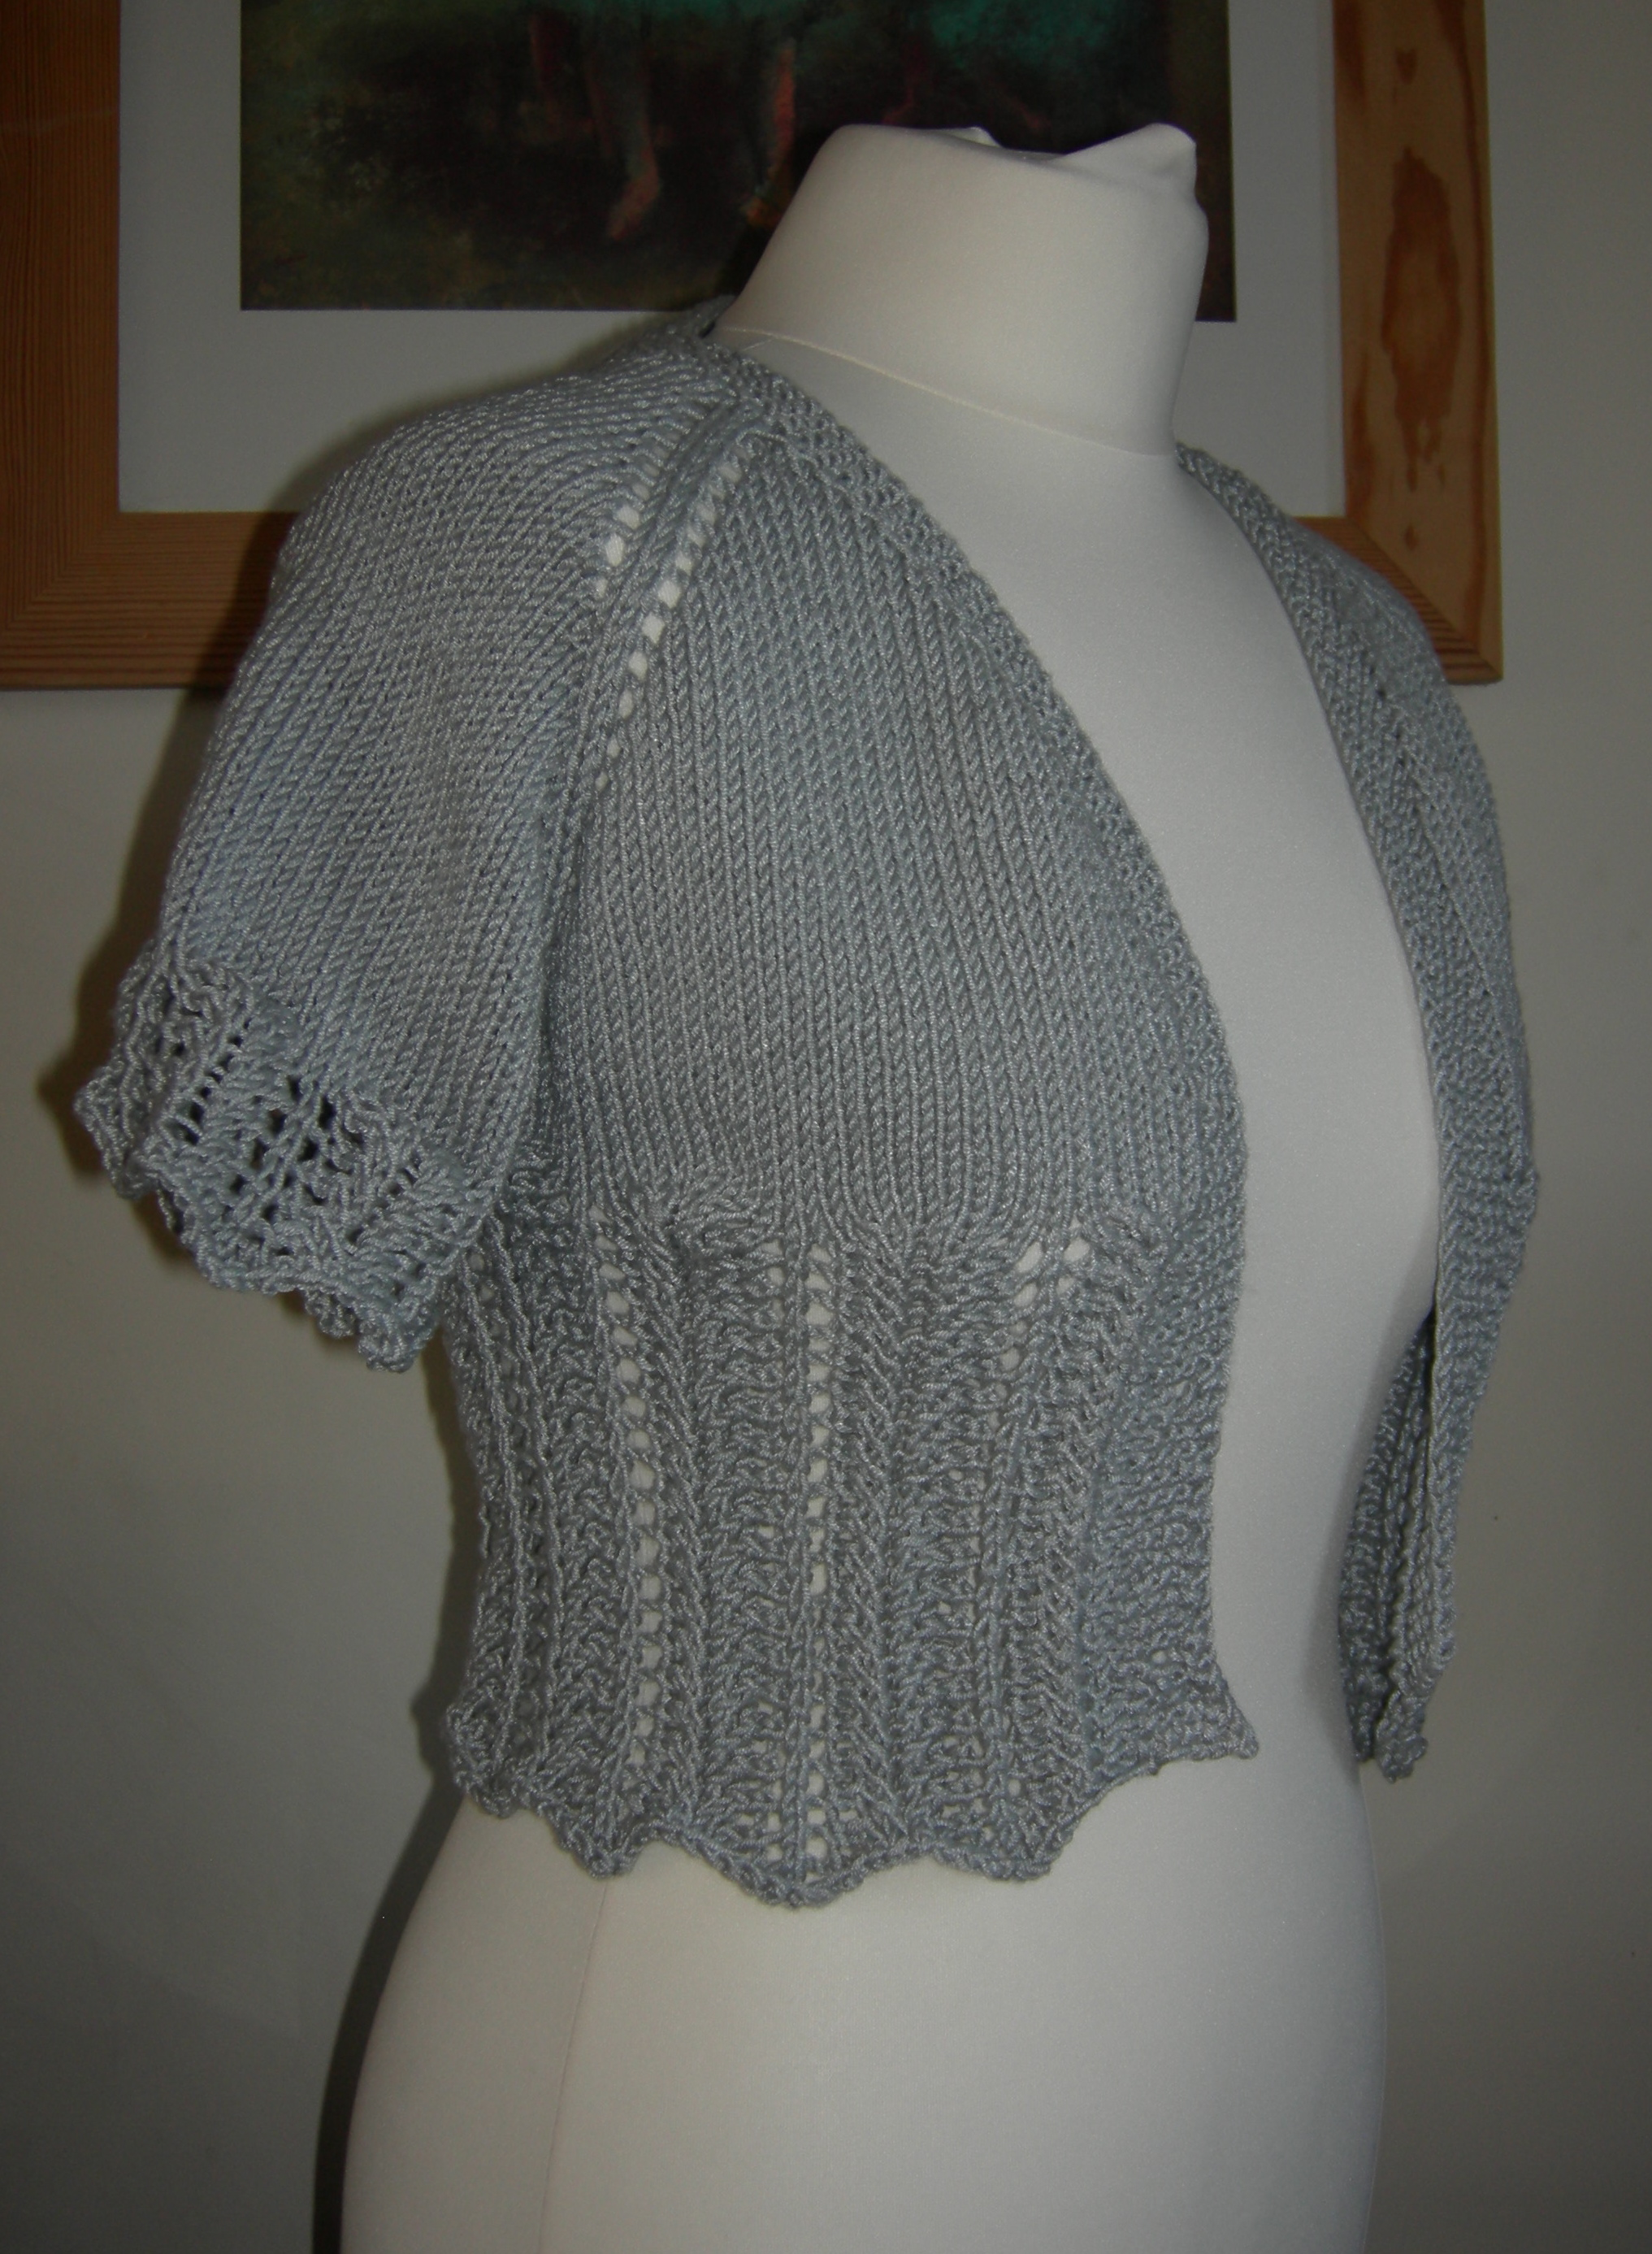 Knitting Pattern For Lace Bolero : knitting patterns